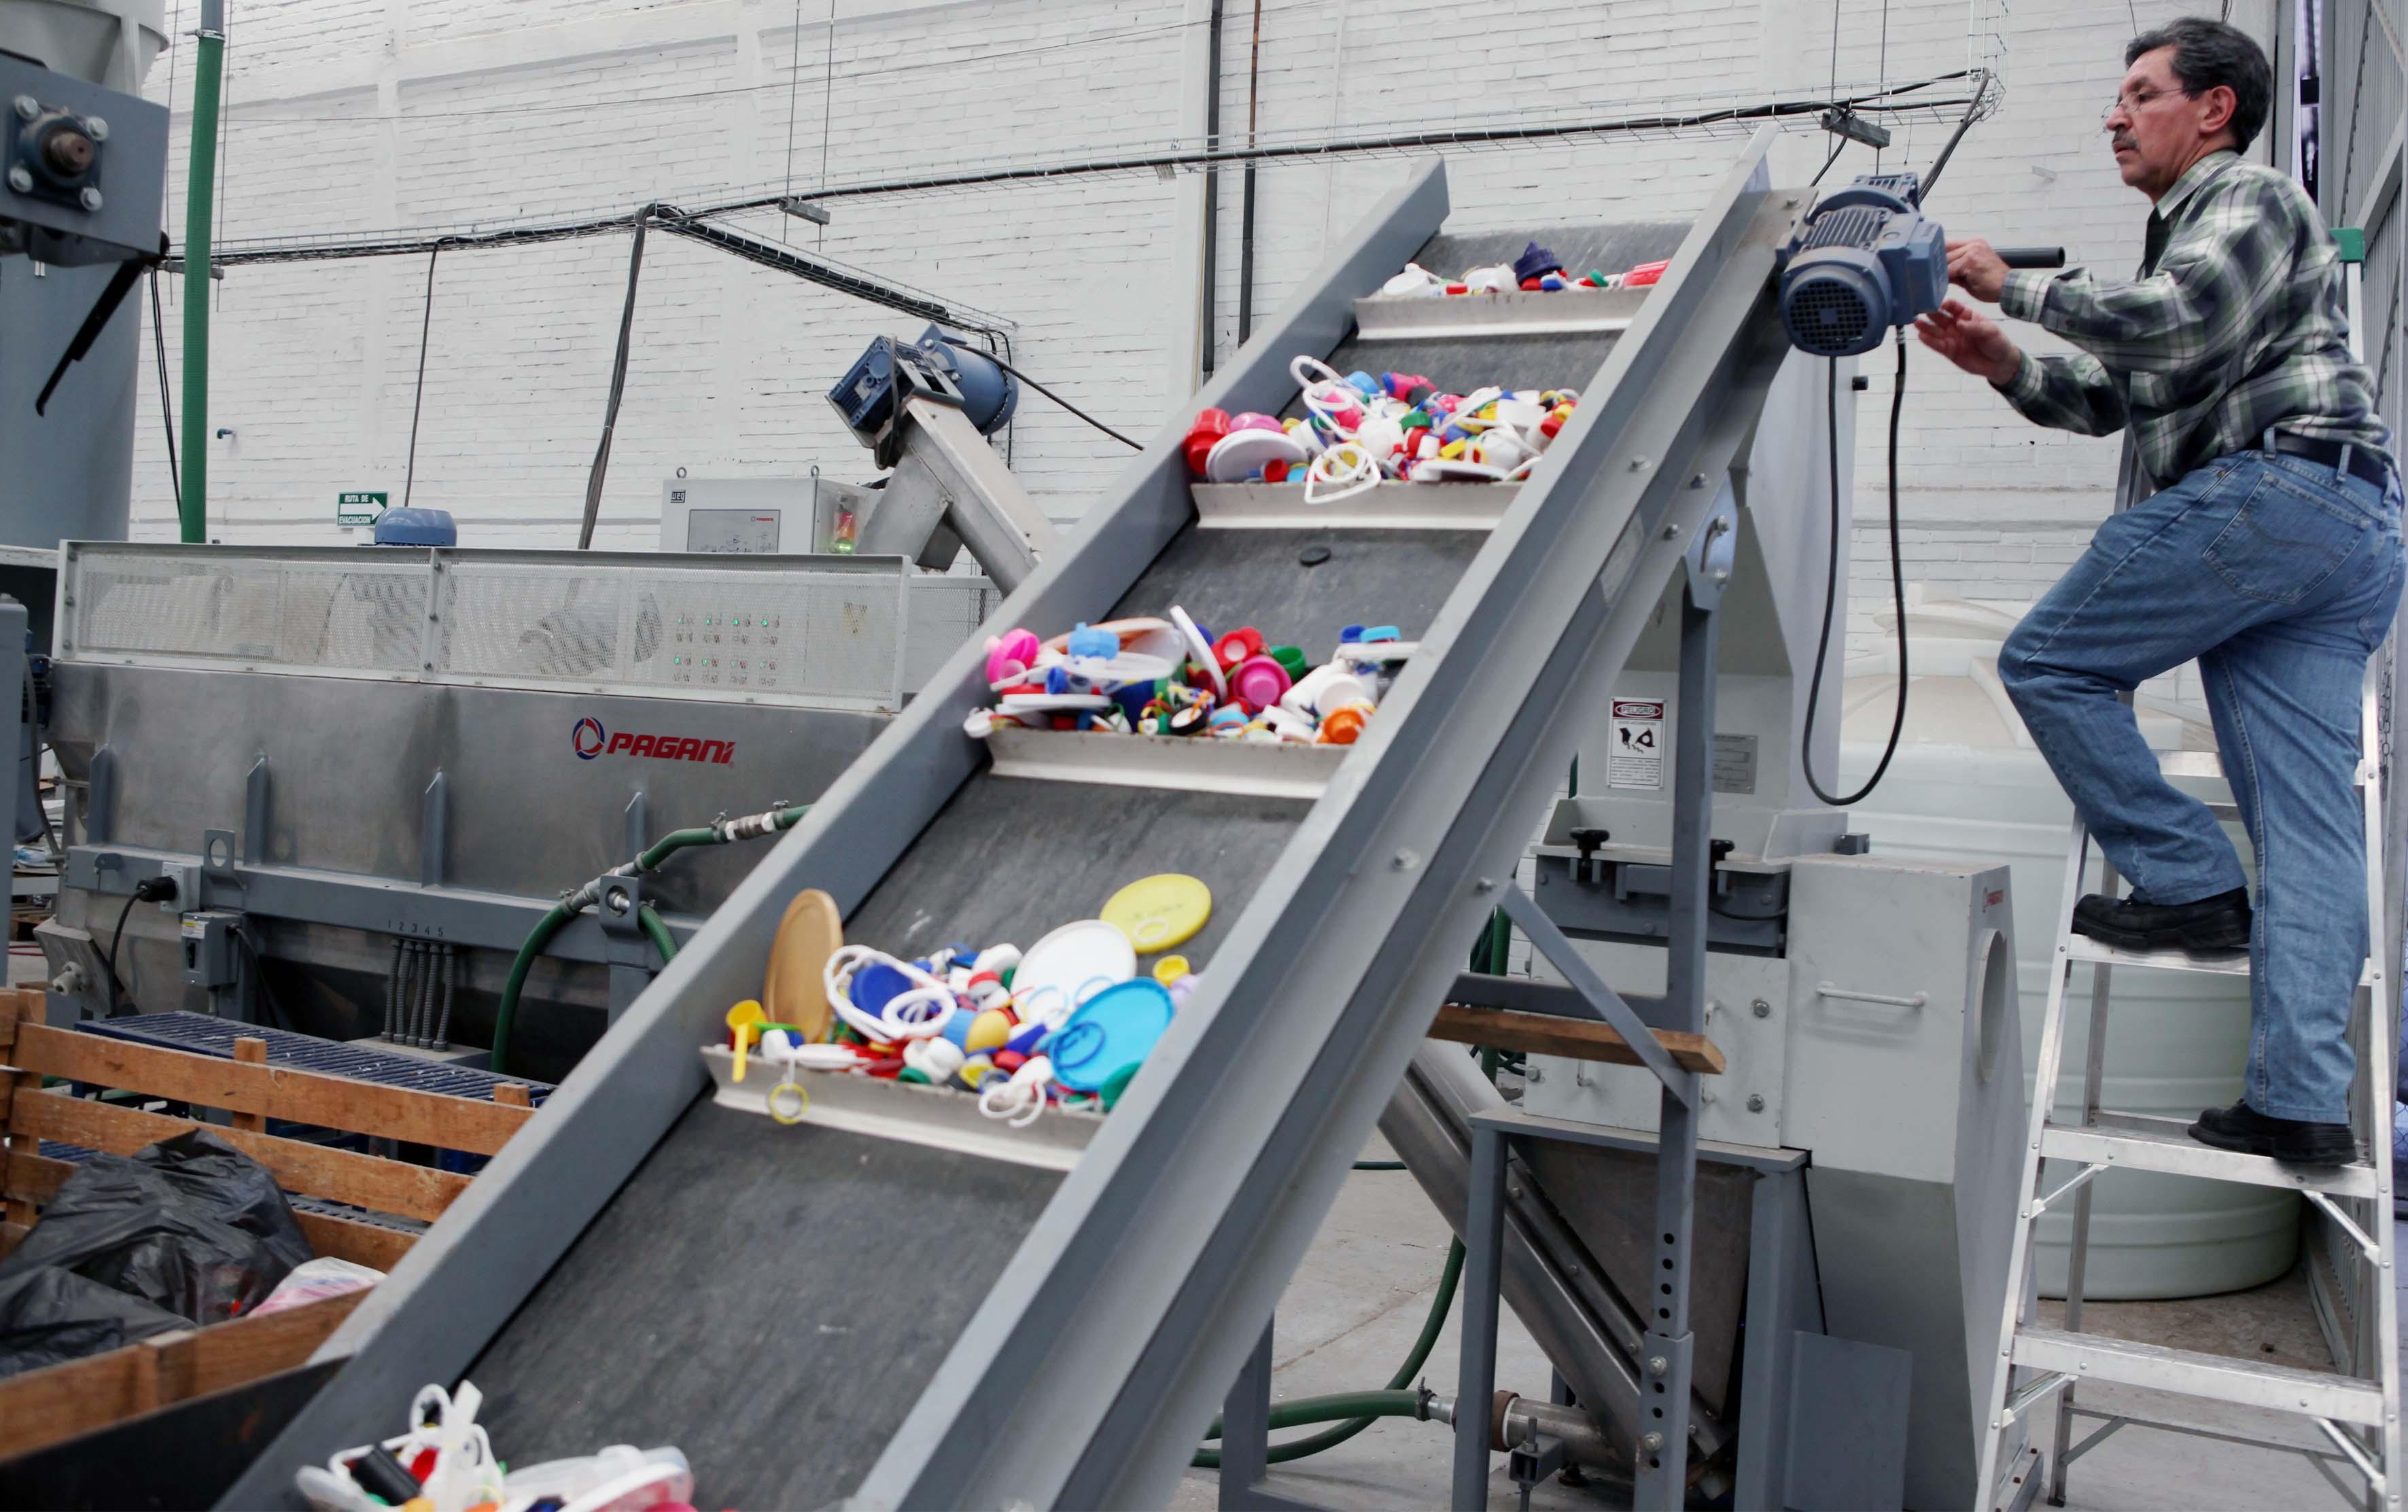 Maquina de reciclado con material